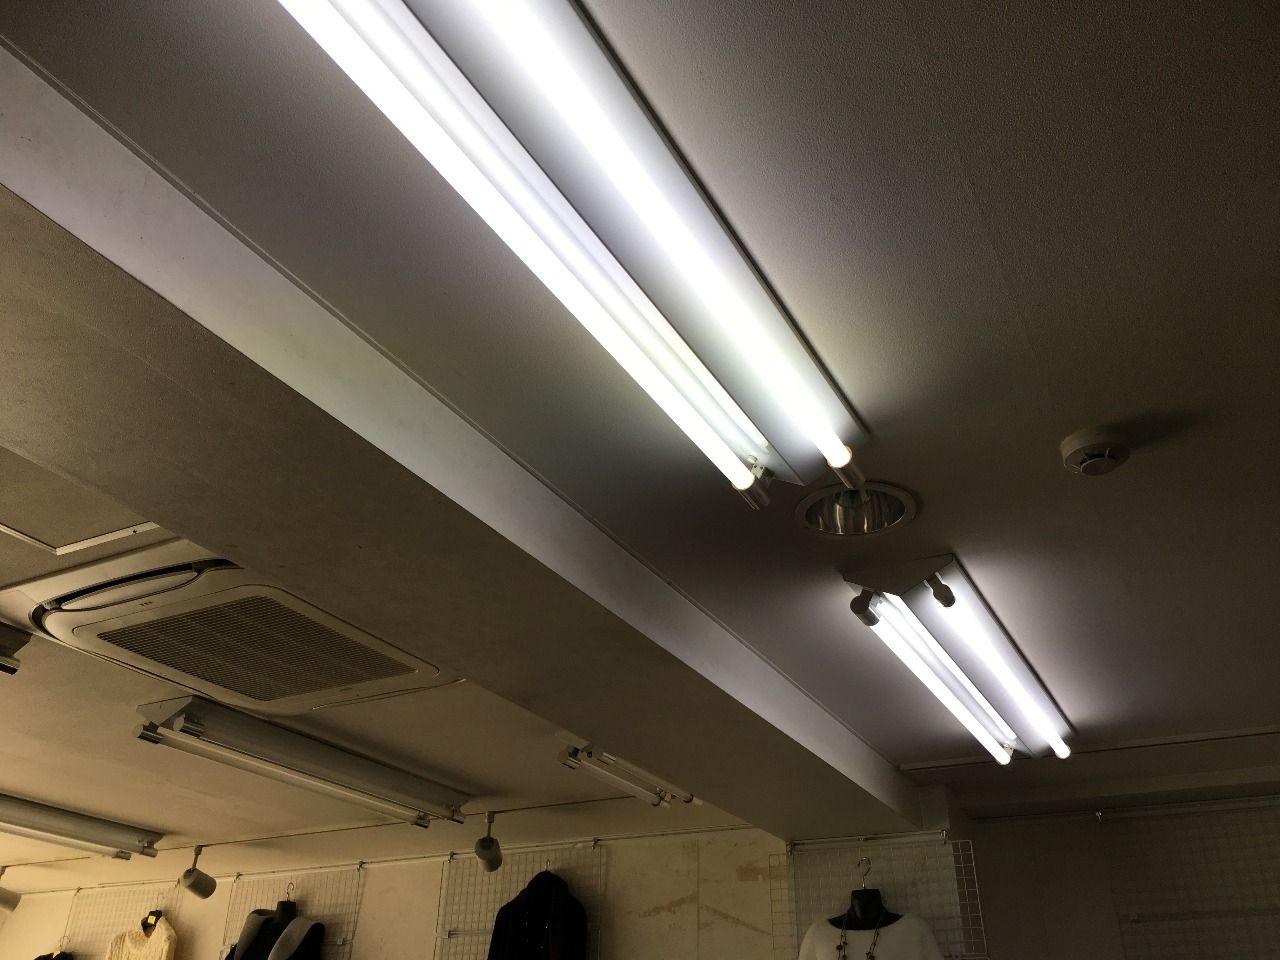 レンタルペース(週貸店舗)の蛍光灯交換です!